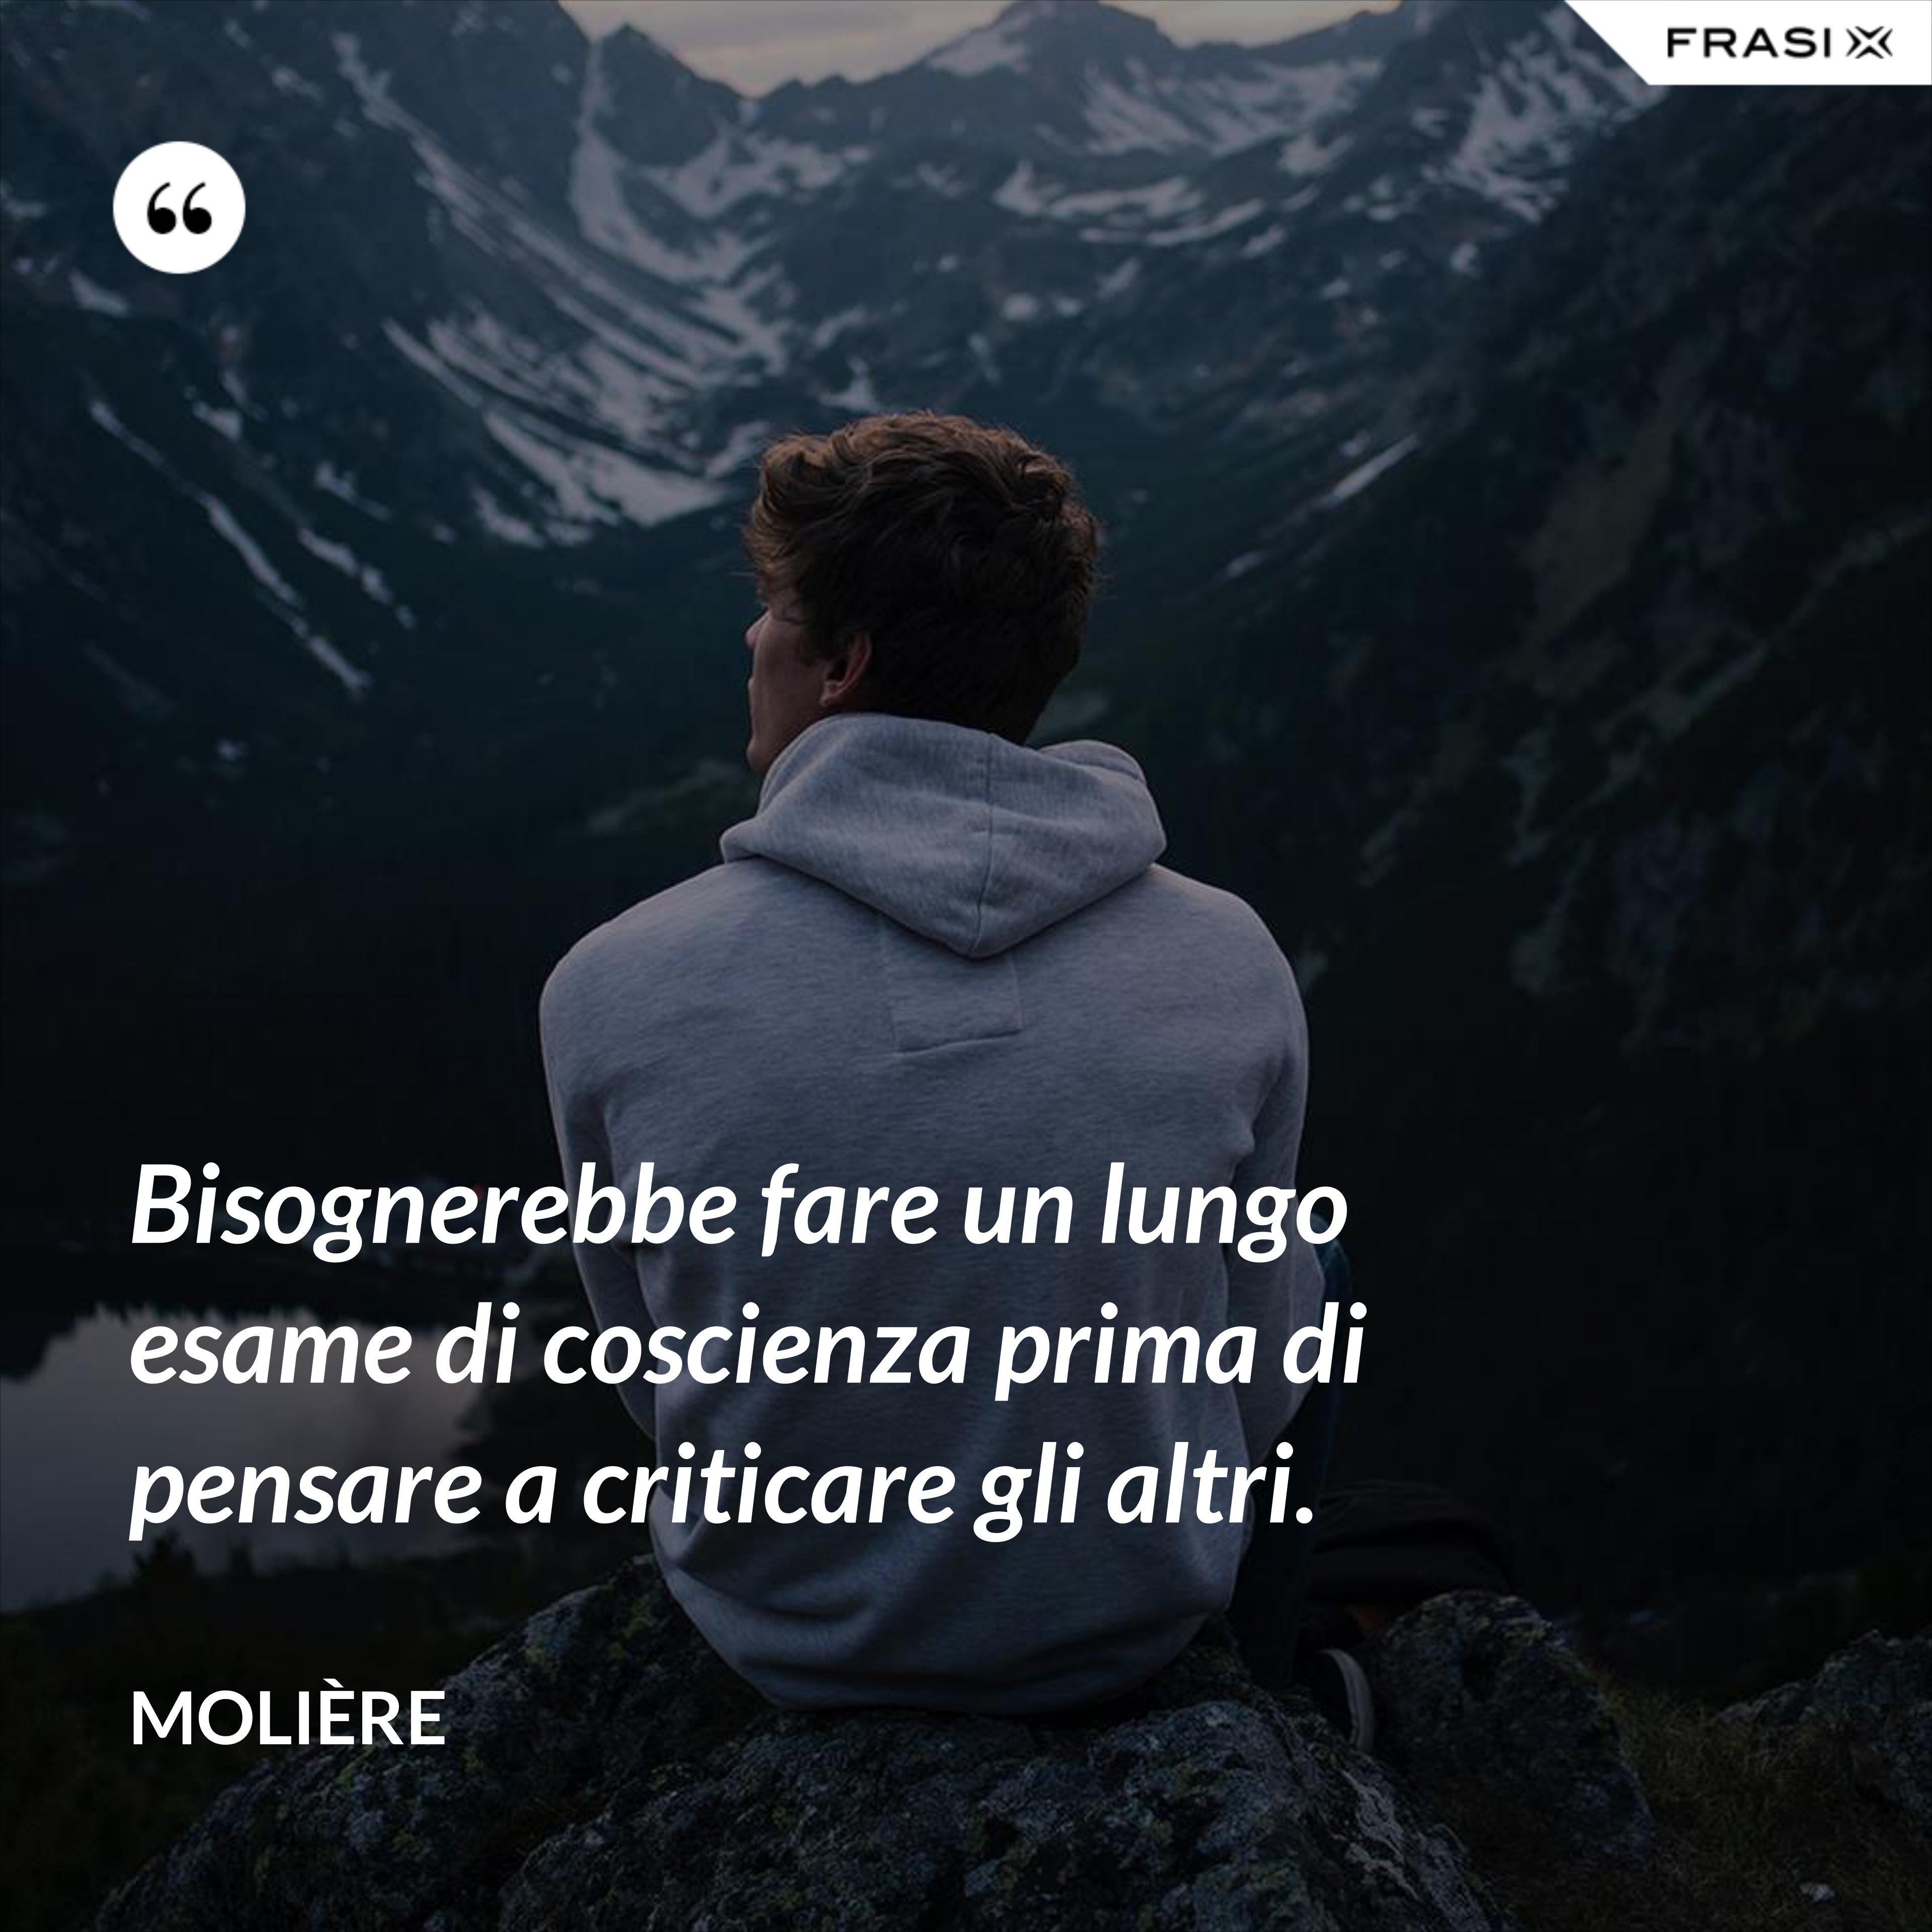 Bisognerebbe fare un lungo esame di coscienza prima di pensare a criticare gli altri. - Molière